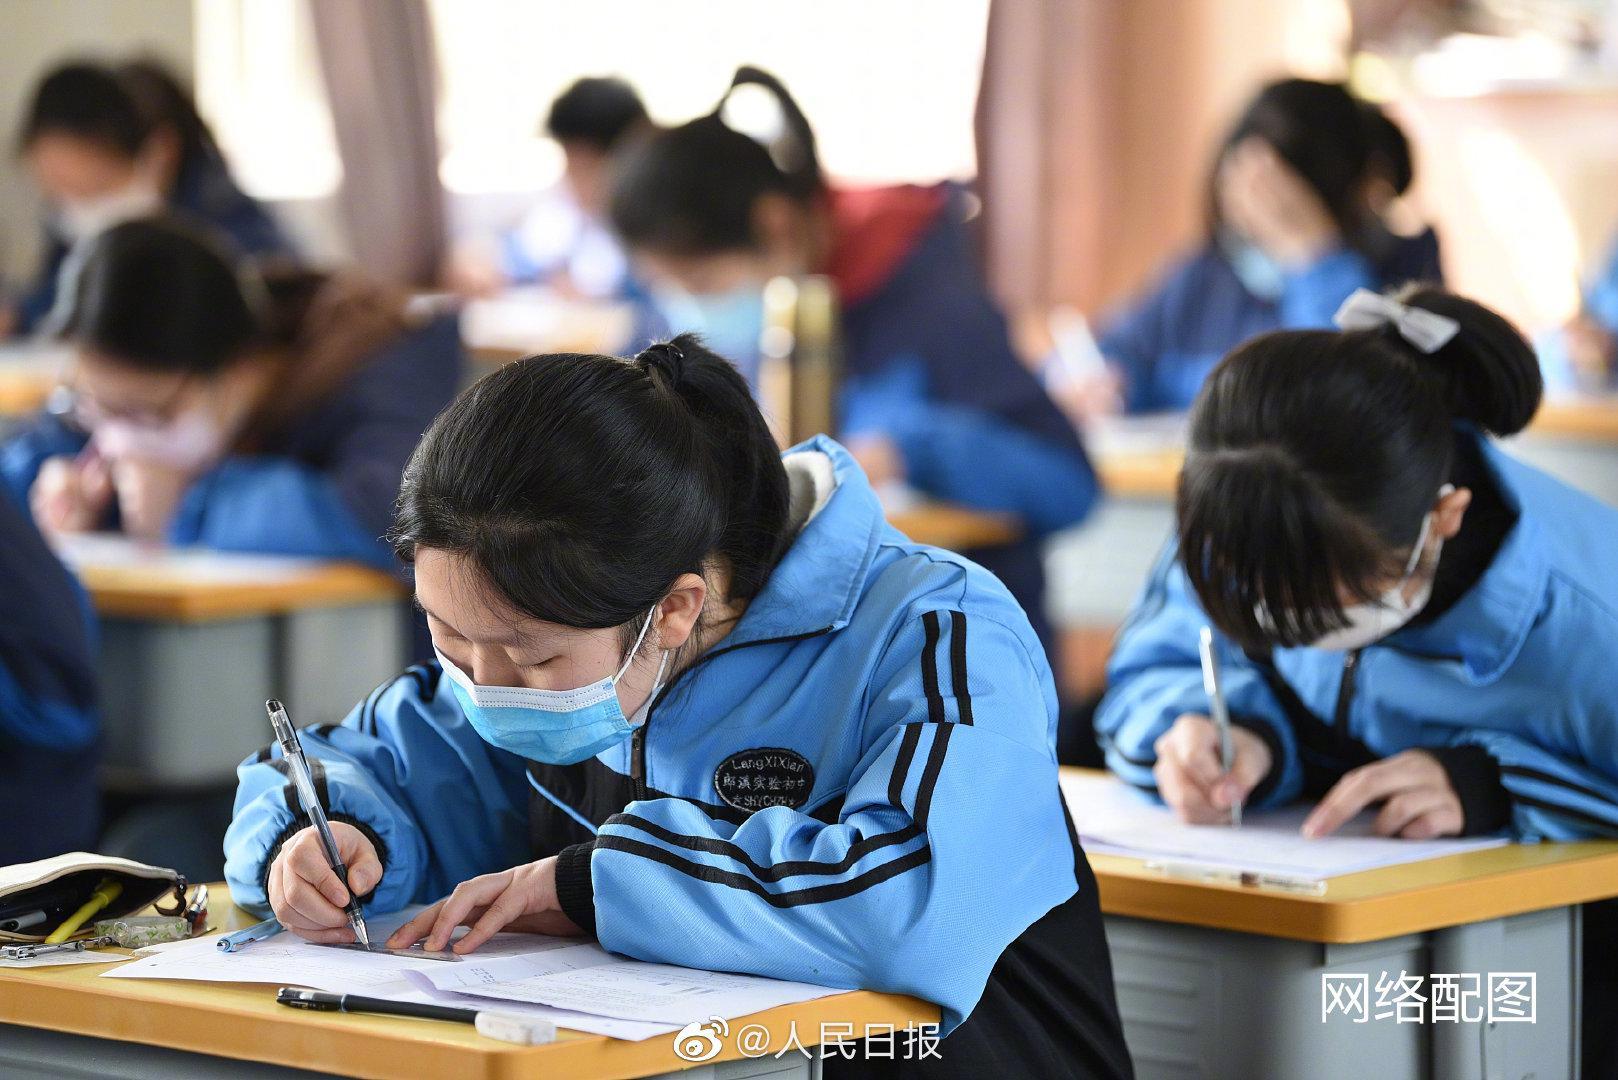 教育部:截止目前共收到483条复课管理漏洞等举报信息图片